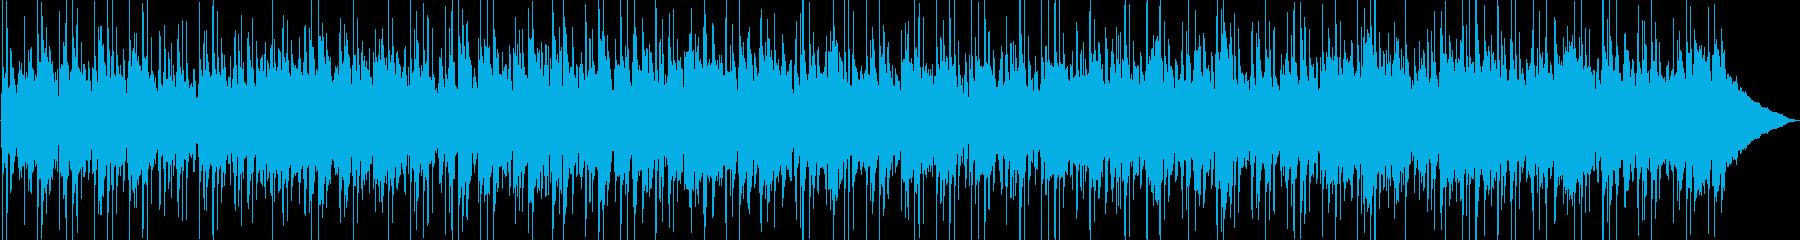 アコースティックなカントリーロックBGMの再生済みの波形